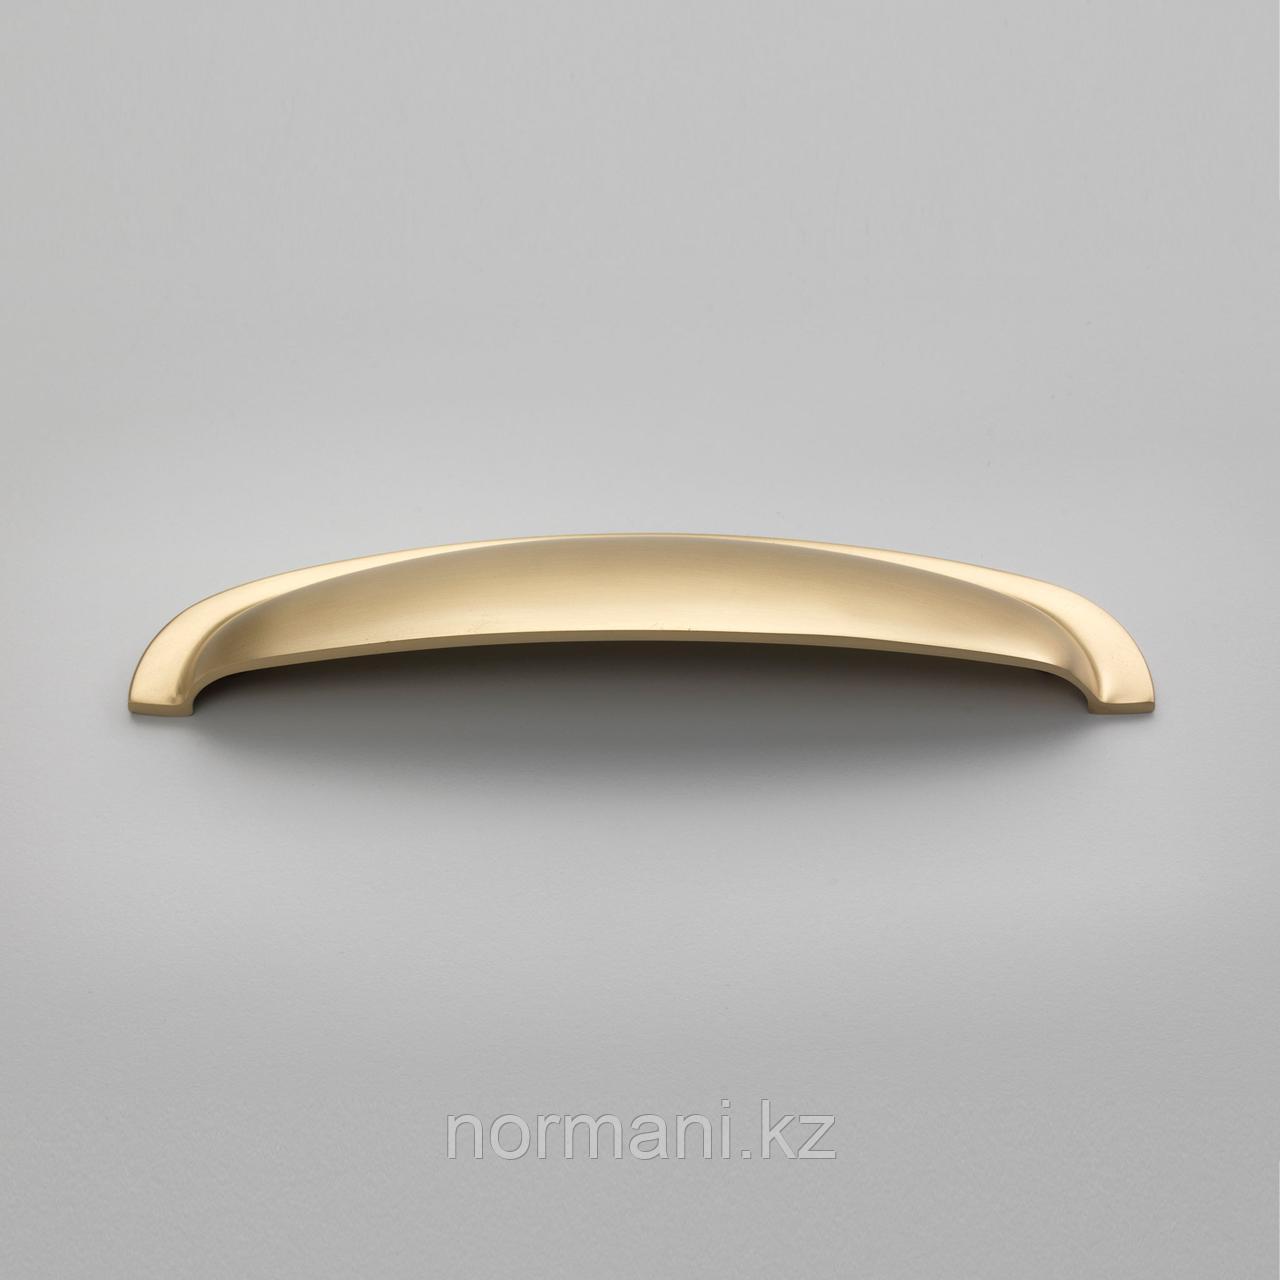 Ручка ракушка 96 мм, отделка золото матовое